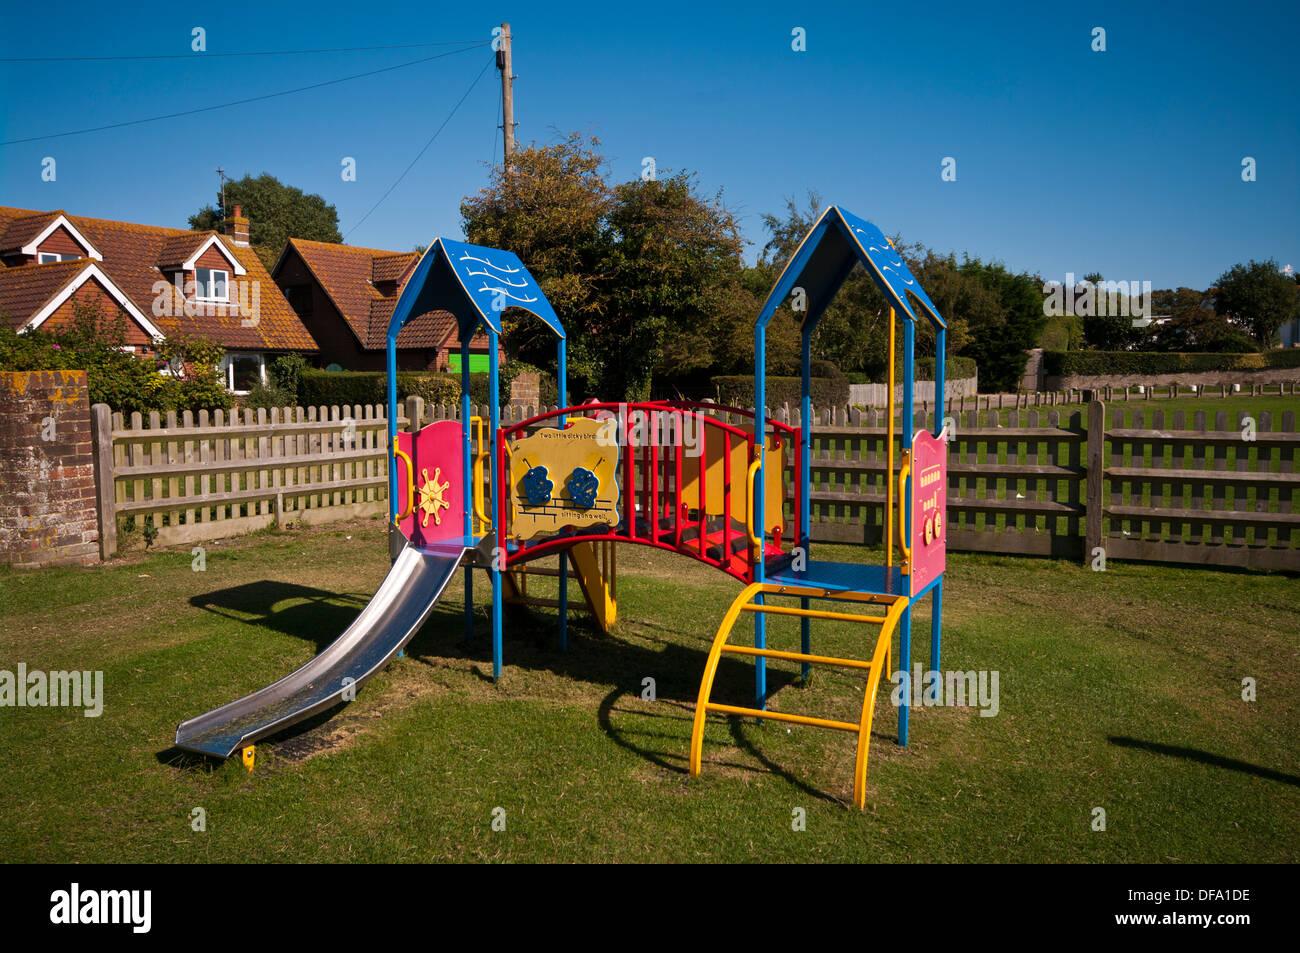 Klettergerüst Metall Spielplatz : Kinderspielplatz metall klettergerüst und rutsche stockfoto bild